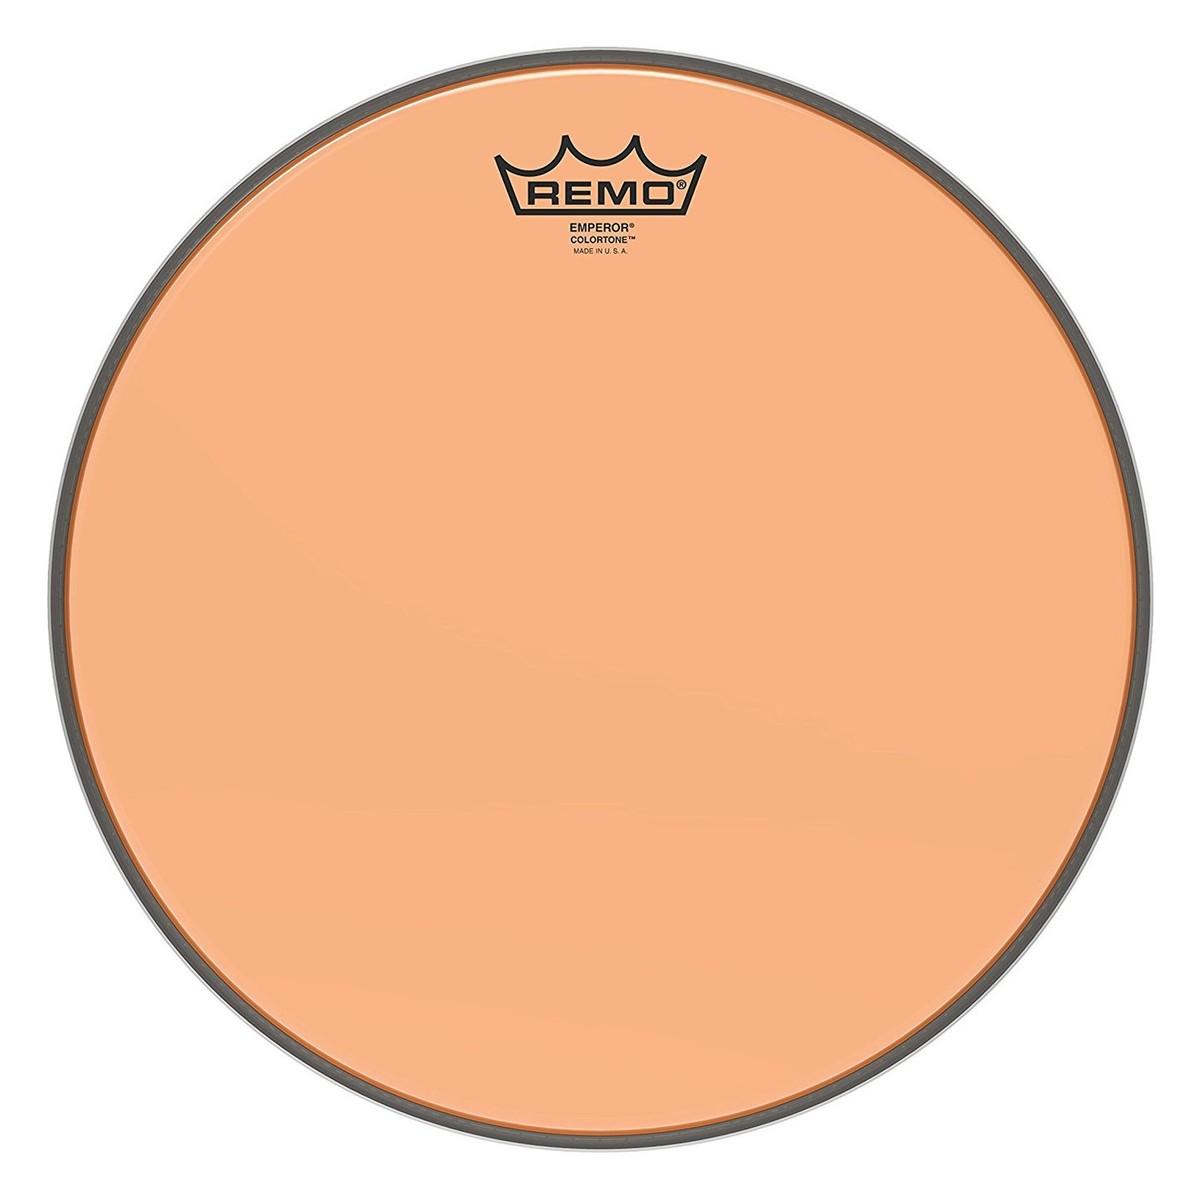 Remo Emperor Colortone Orange 13 Drum Head